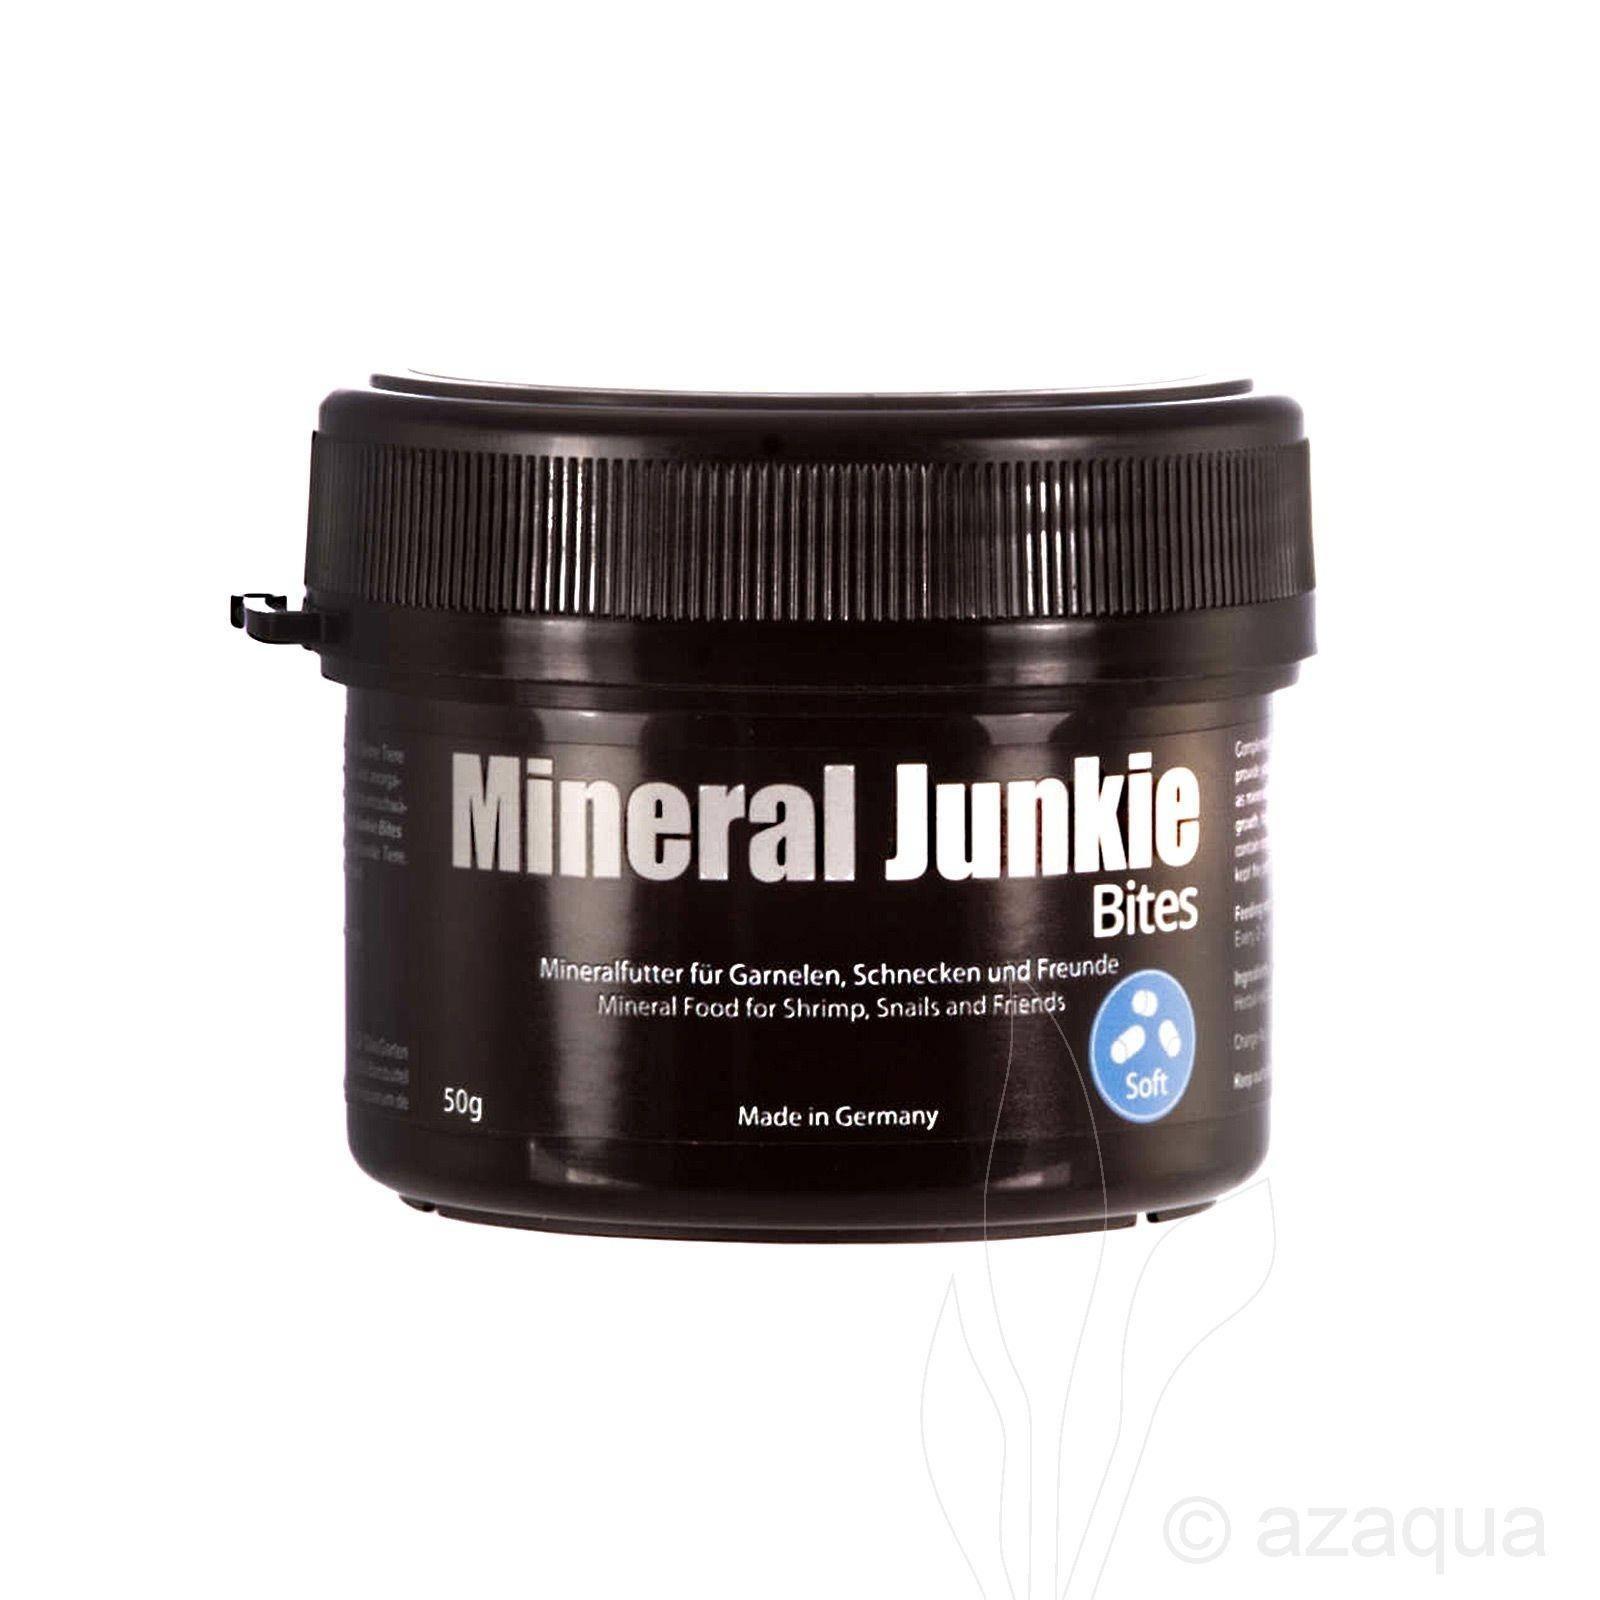 GlasGarten Minerals Junkie Bites